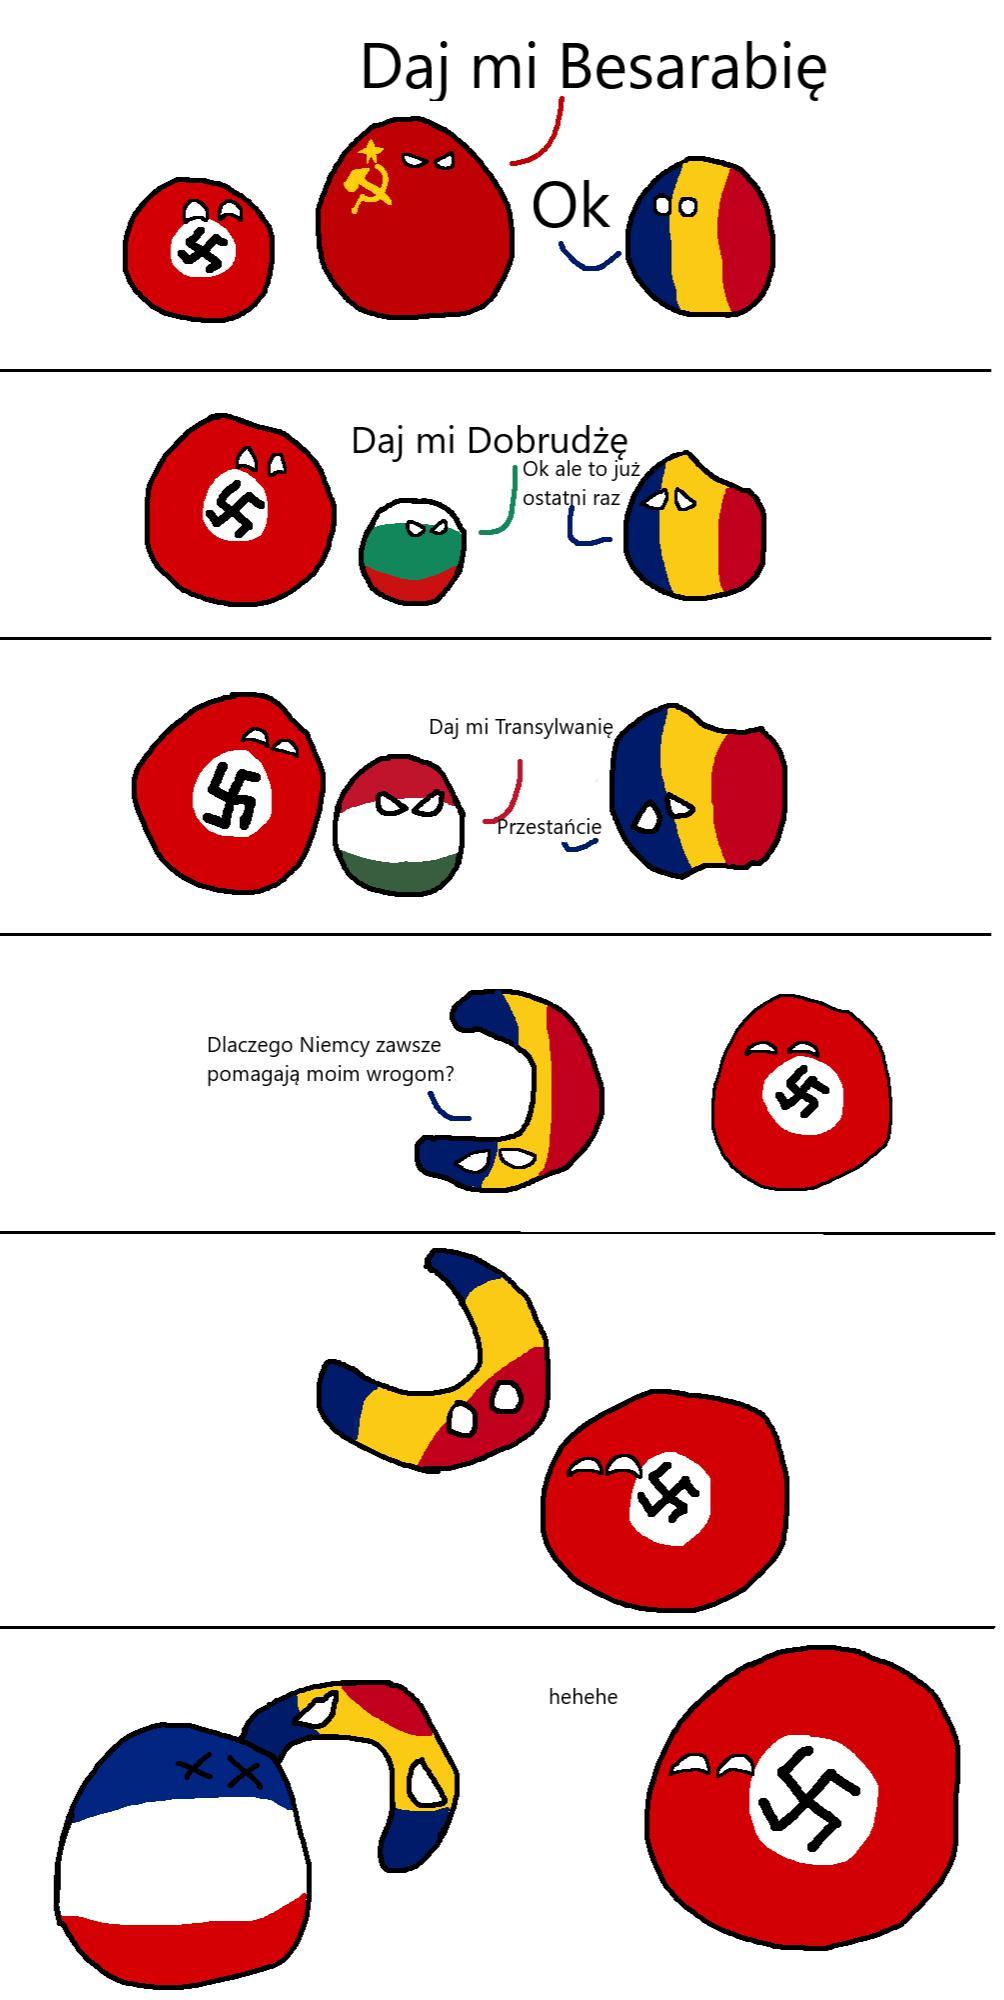 Zdjęcie użytkownika Ksiondz w temacie Memy i komiksy o Countryballach